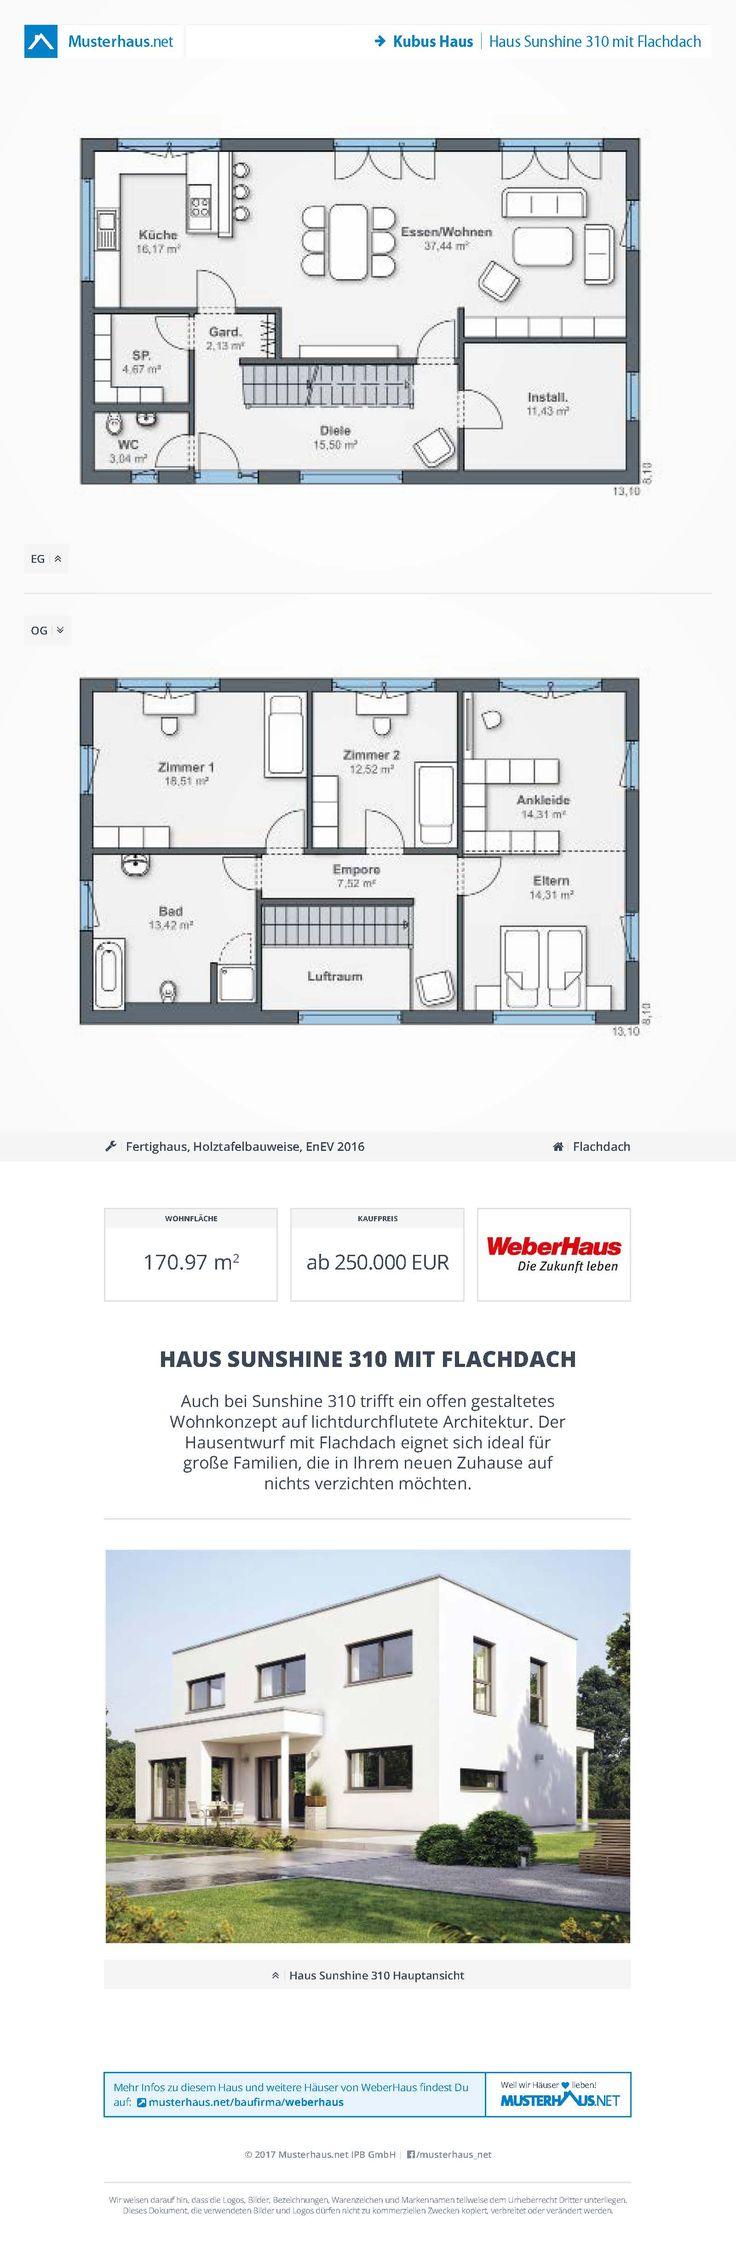 Haus Sunshine 310 Mit Flachdach U2022 Kubushaus Von WeberHaus U2022 Jetzt Bei  #Musterhaus.net